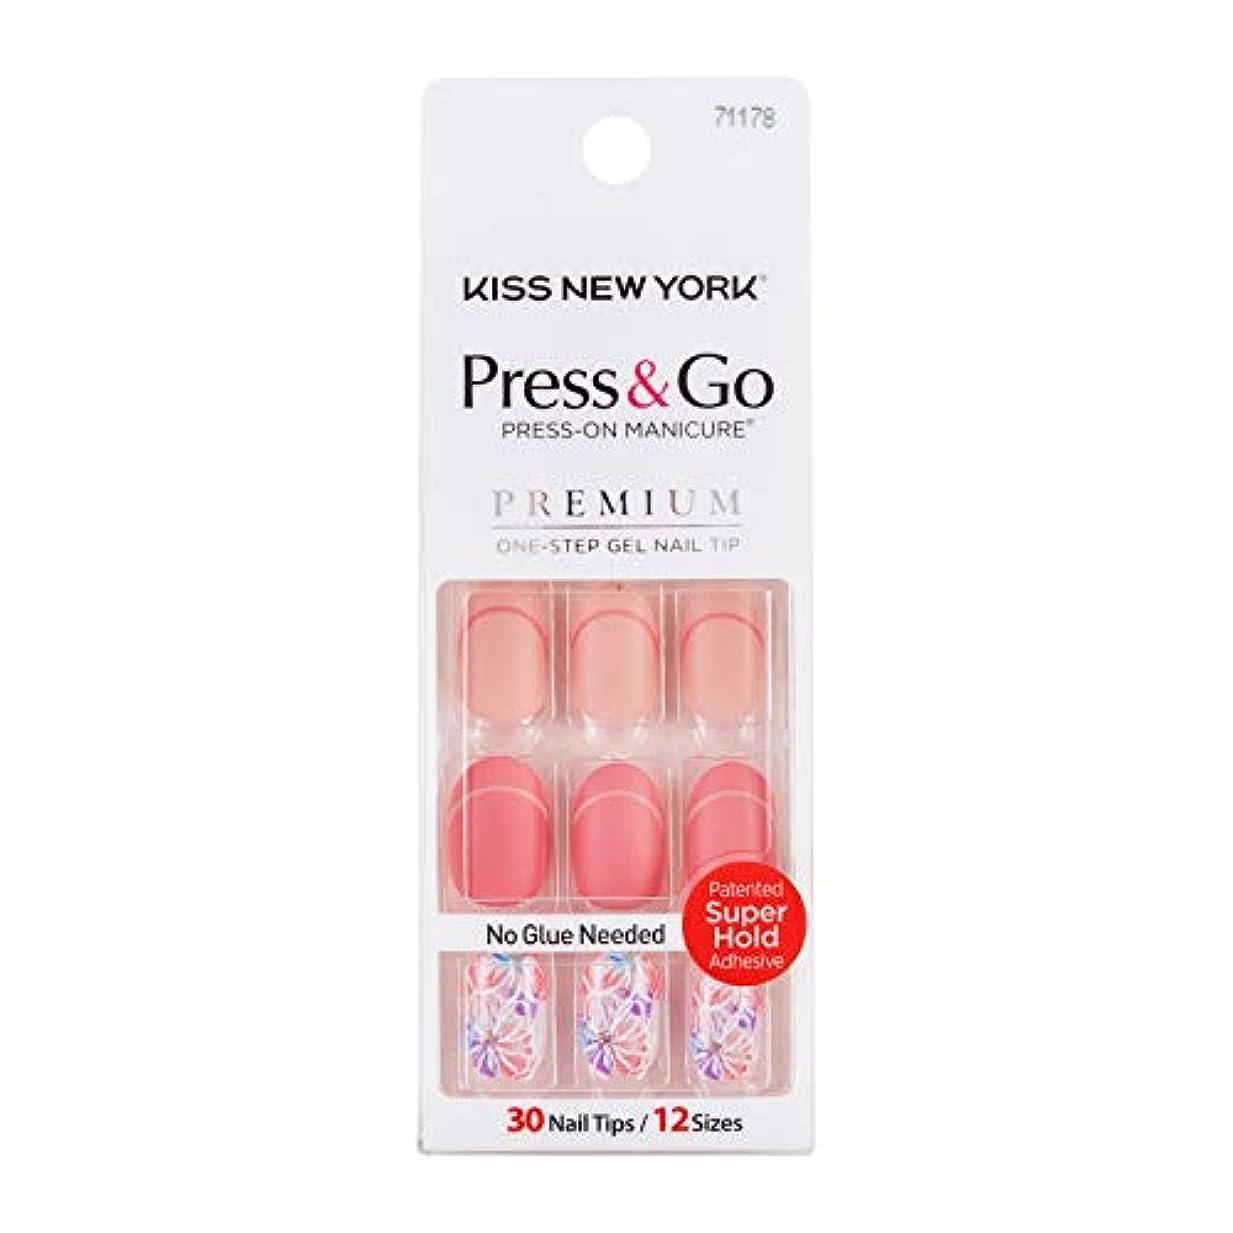 惑星添加キネマティクスキスニューヨーク (KISS NEW YORK) KISS NEWYORK ネイルチップPress&Go BHJ28J 19g